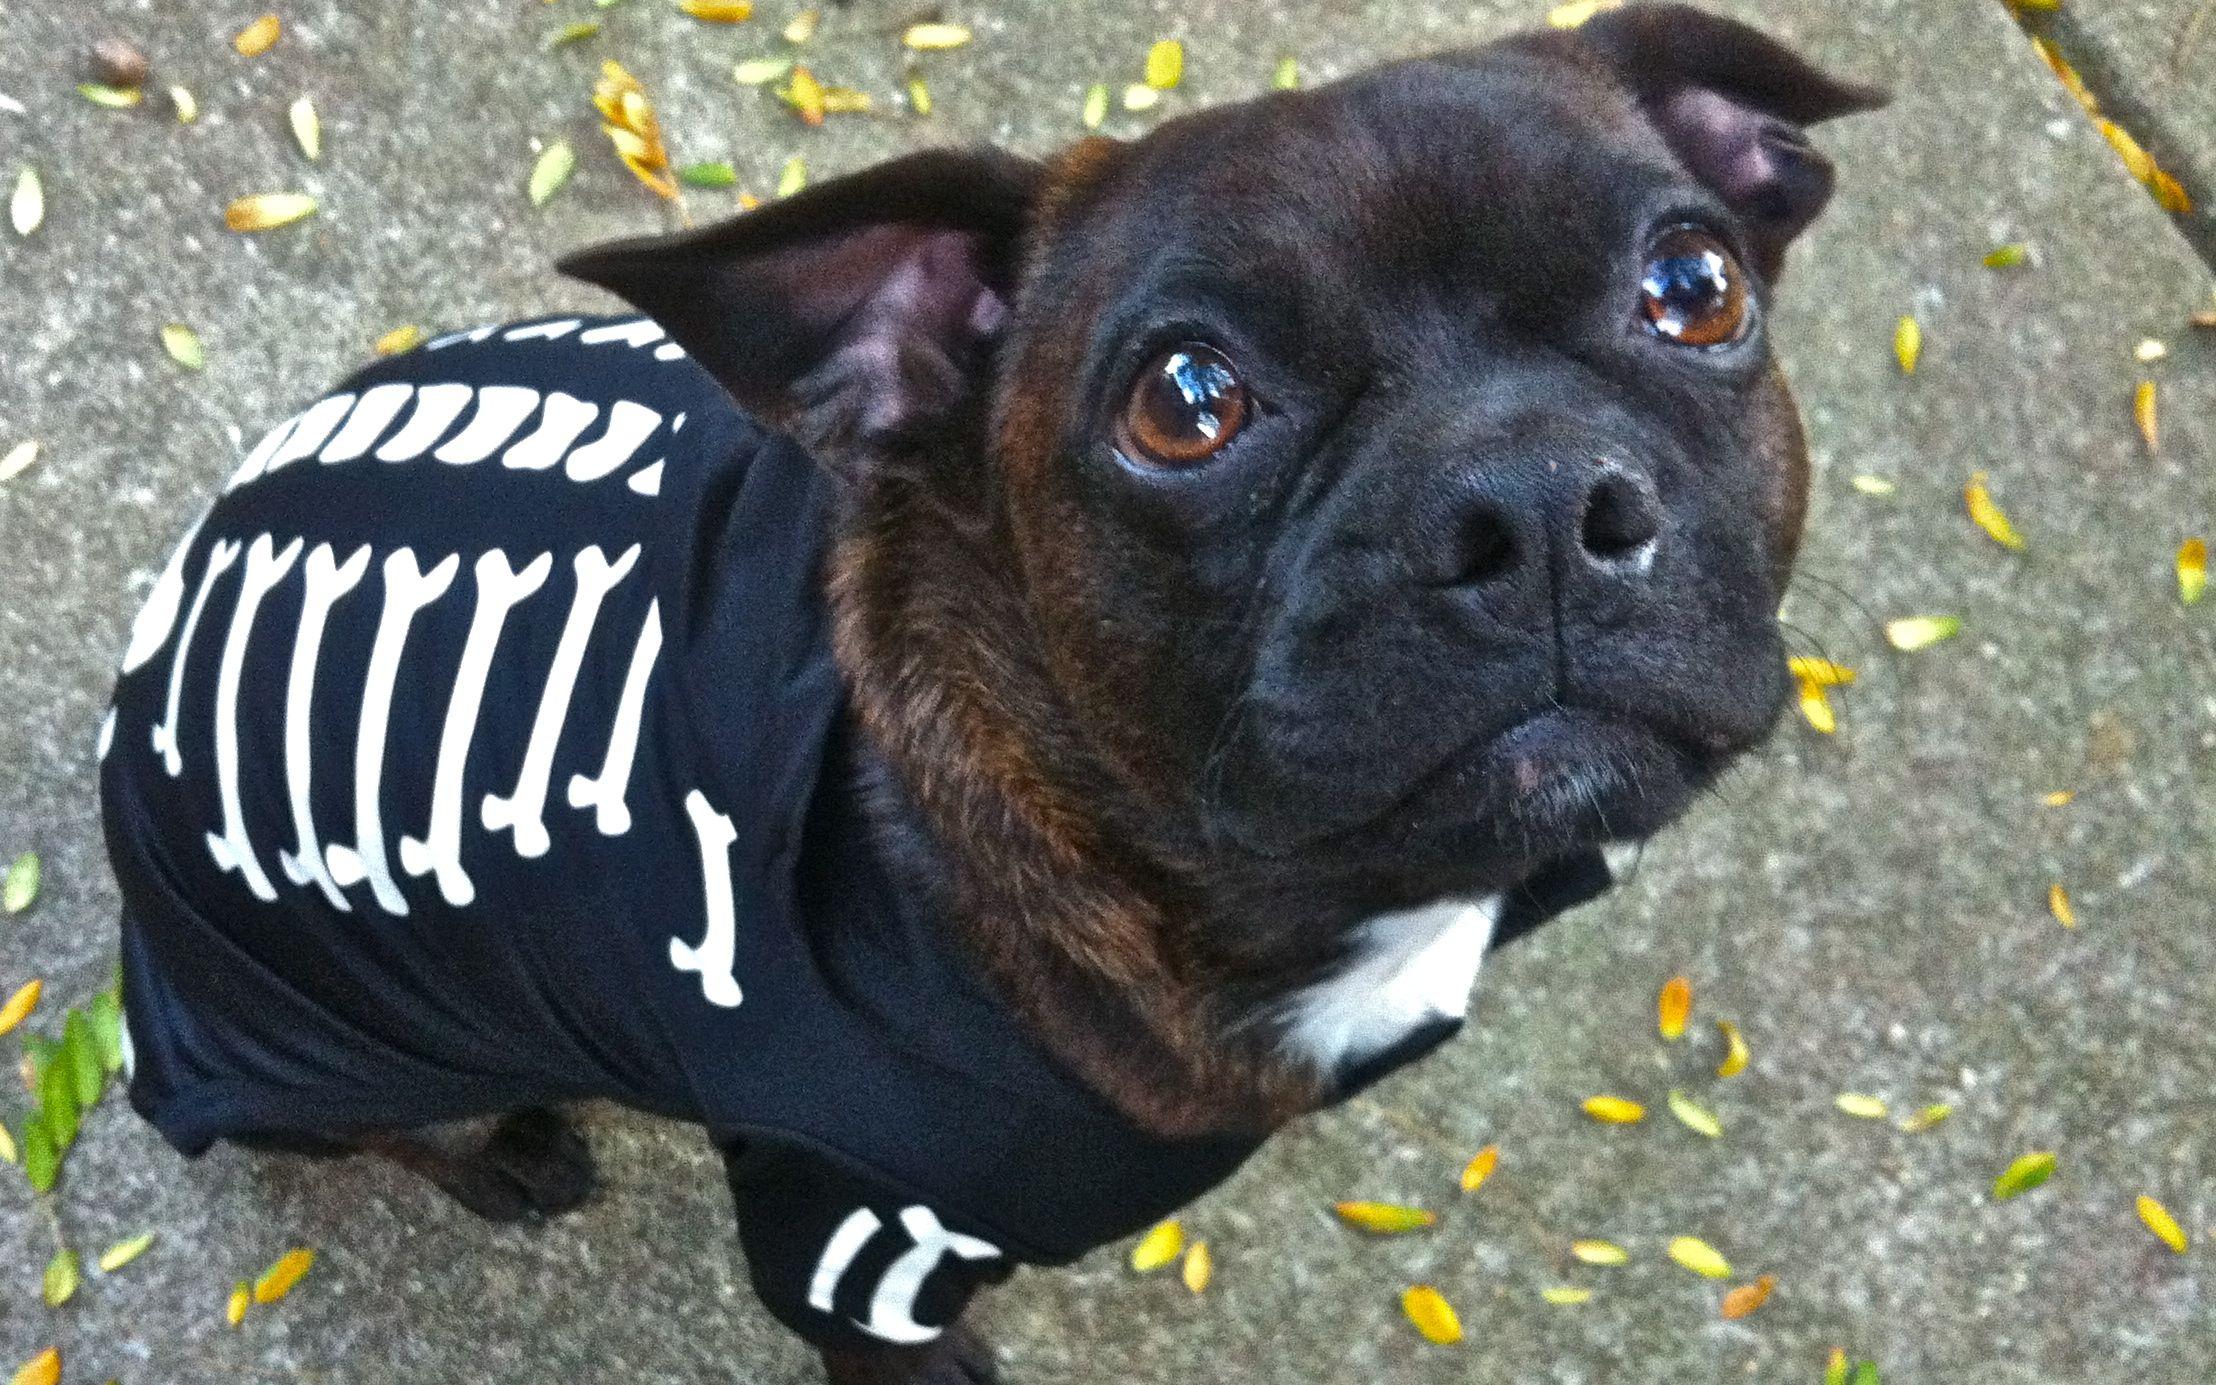 My baby Bugg Iggy Boston terrier pug, Pug mix